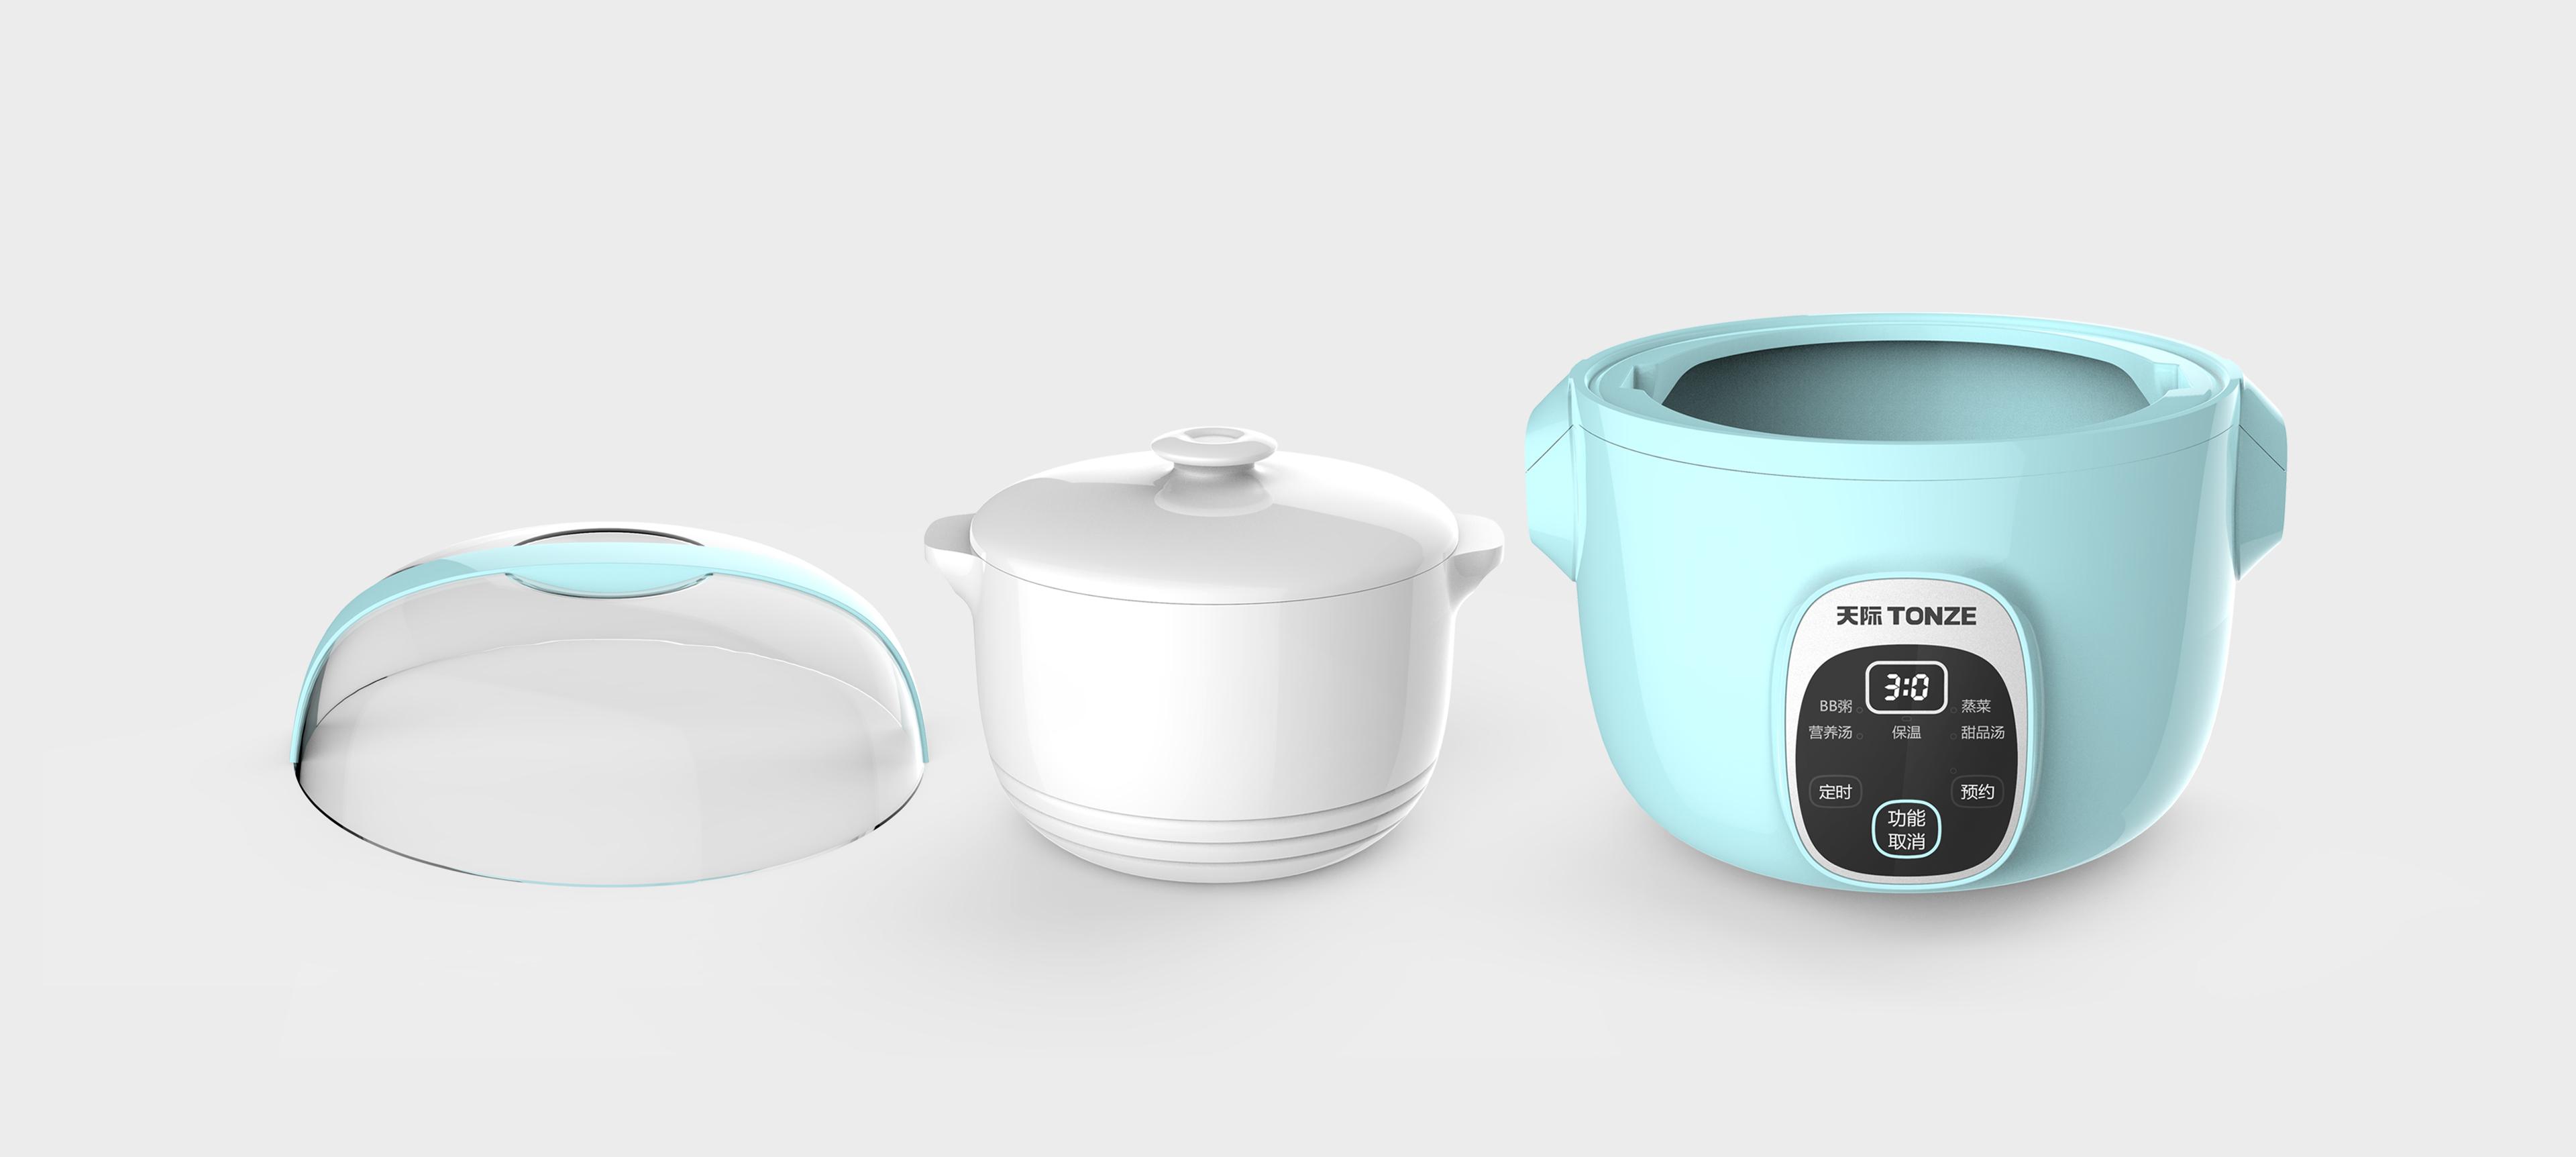 Baby Pot_心品工业设计